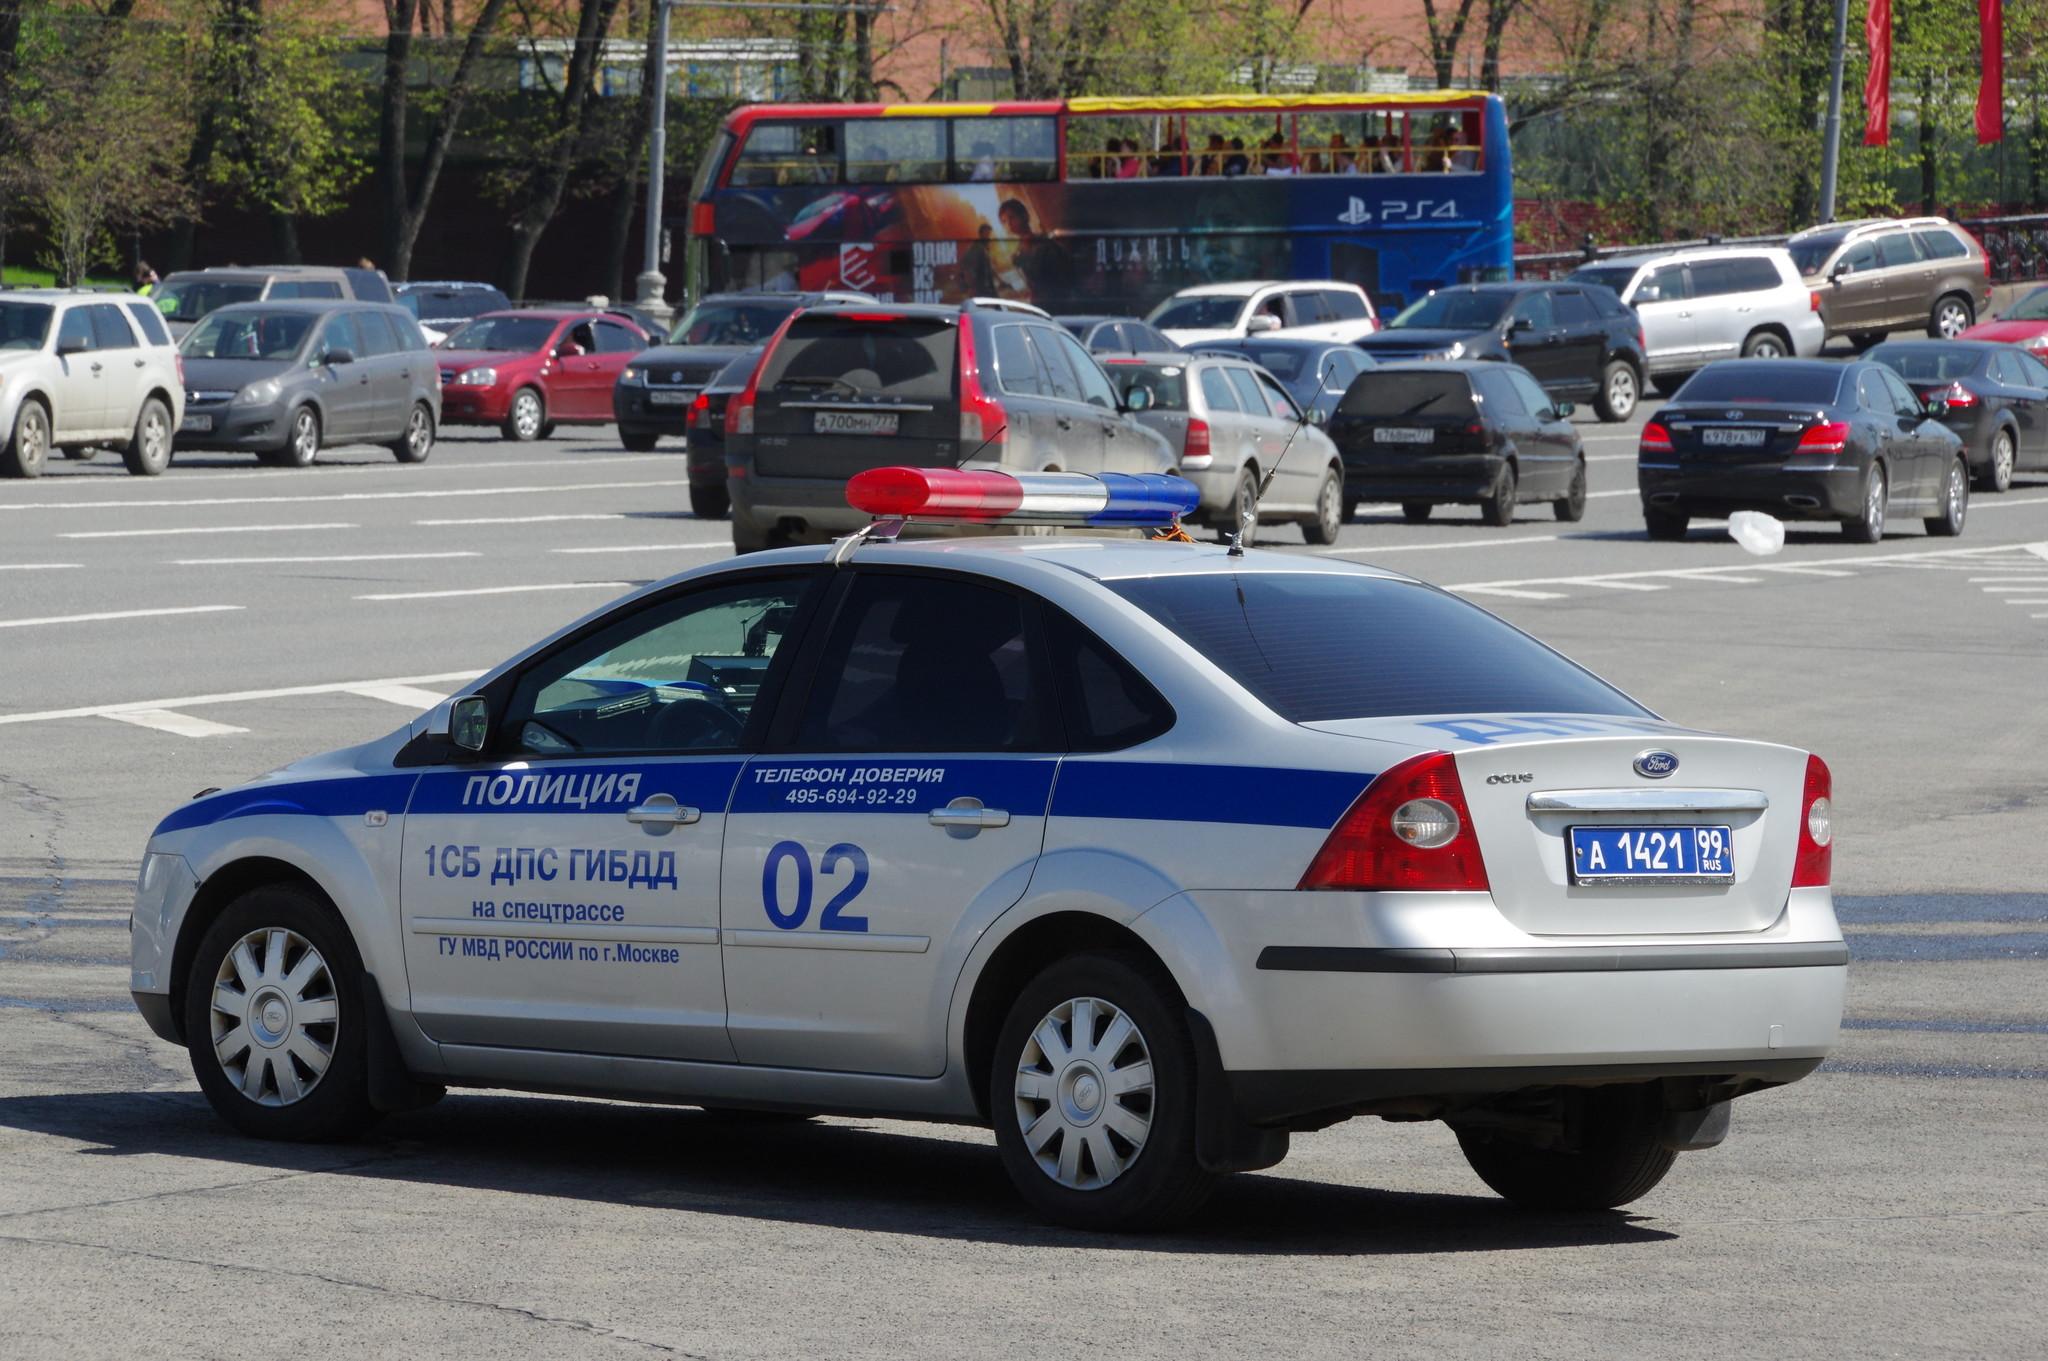 Автомобиль 1 Специализированного батальона ДПС ГИБДД на спецтрассе ГУ МВД России по г. Москве